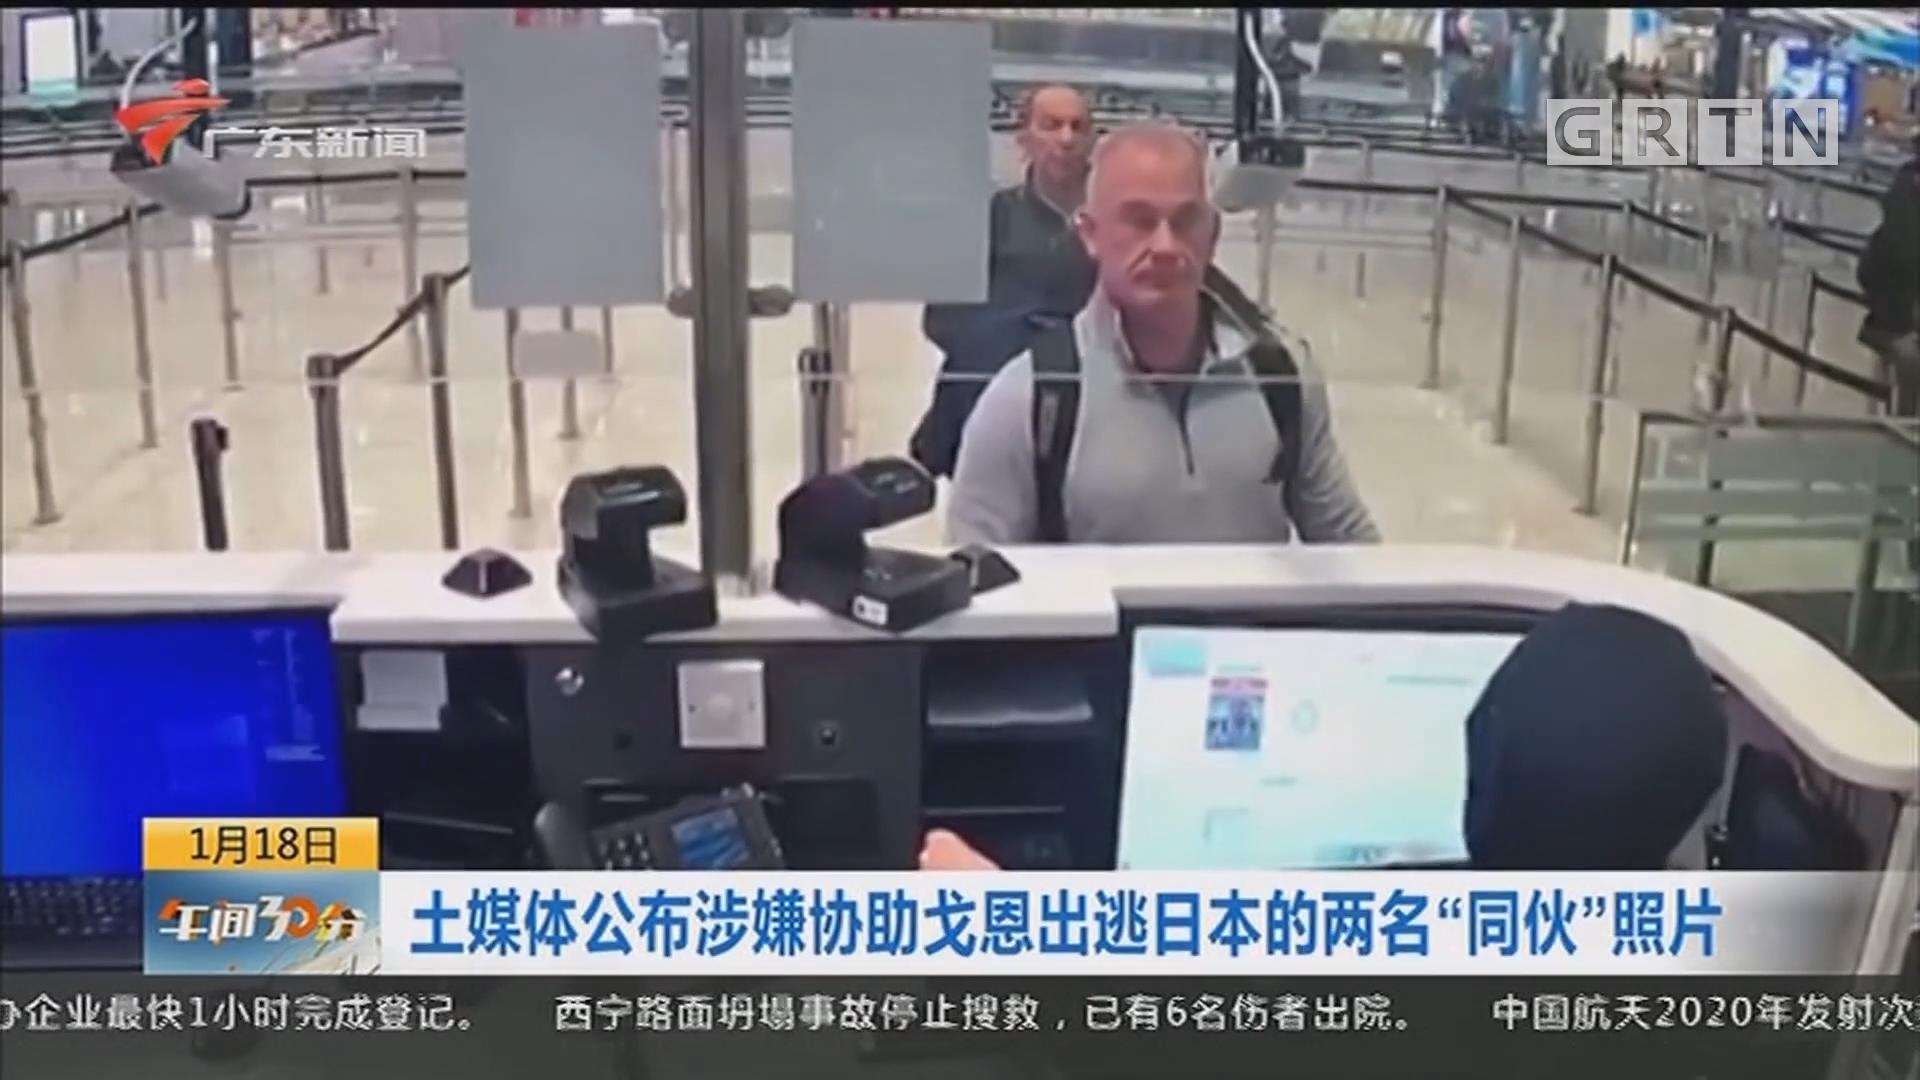 """土媒体公布涉嫌协助戈恩出逃日本的两名""""同伙""""照片"""